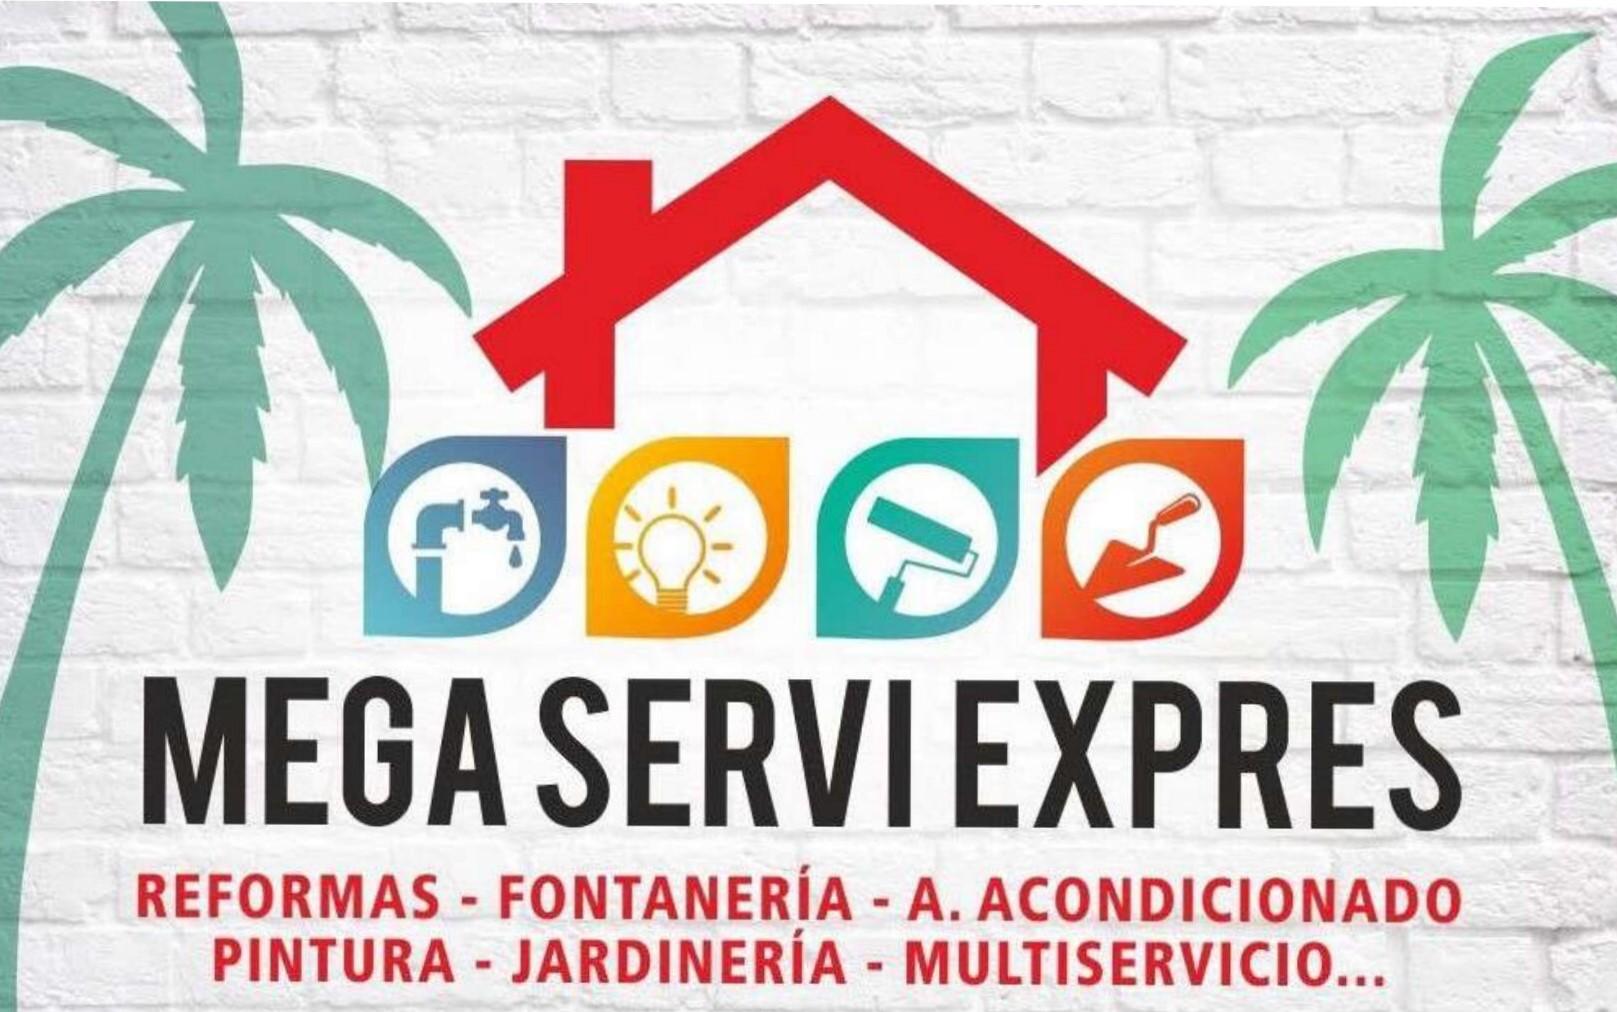 MEGA SERVI EXPRES